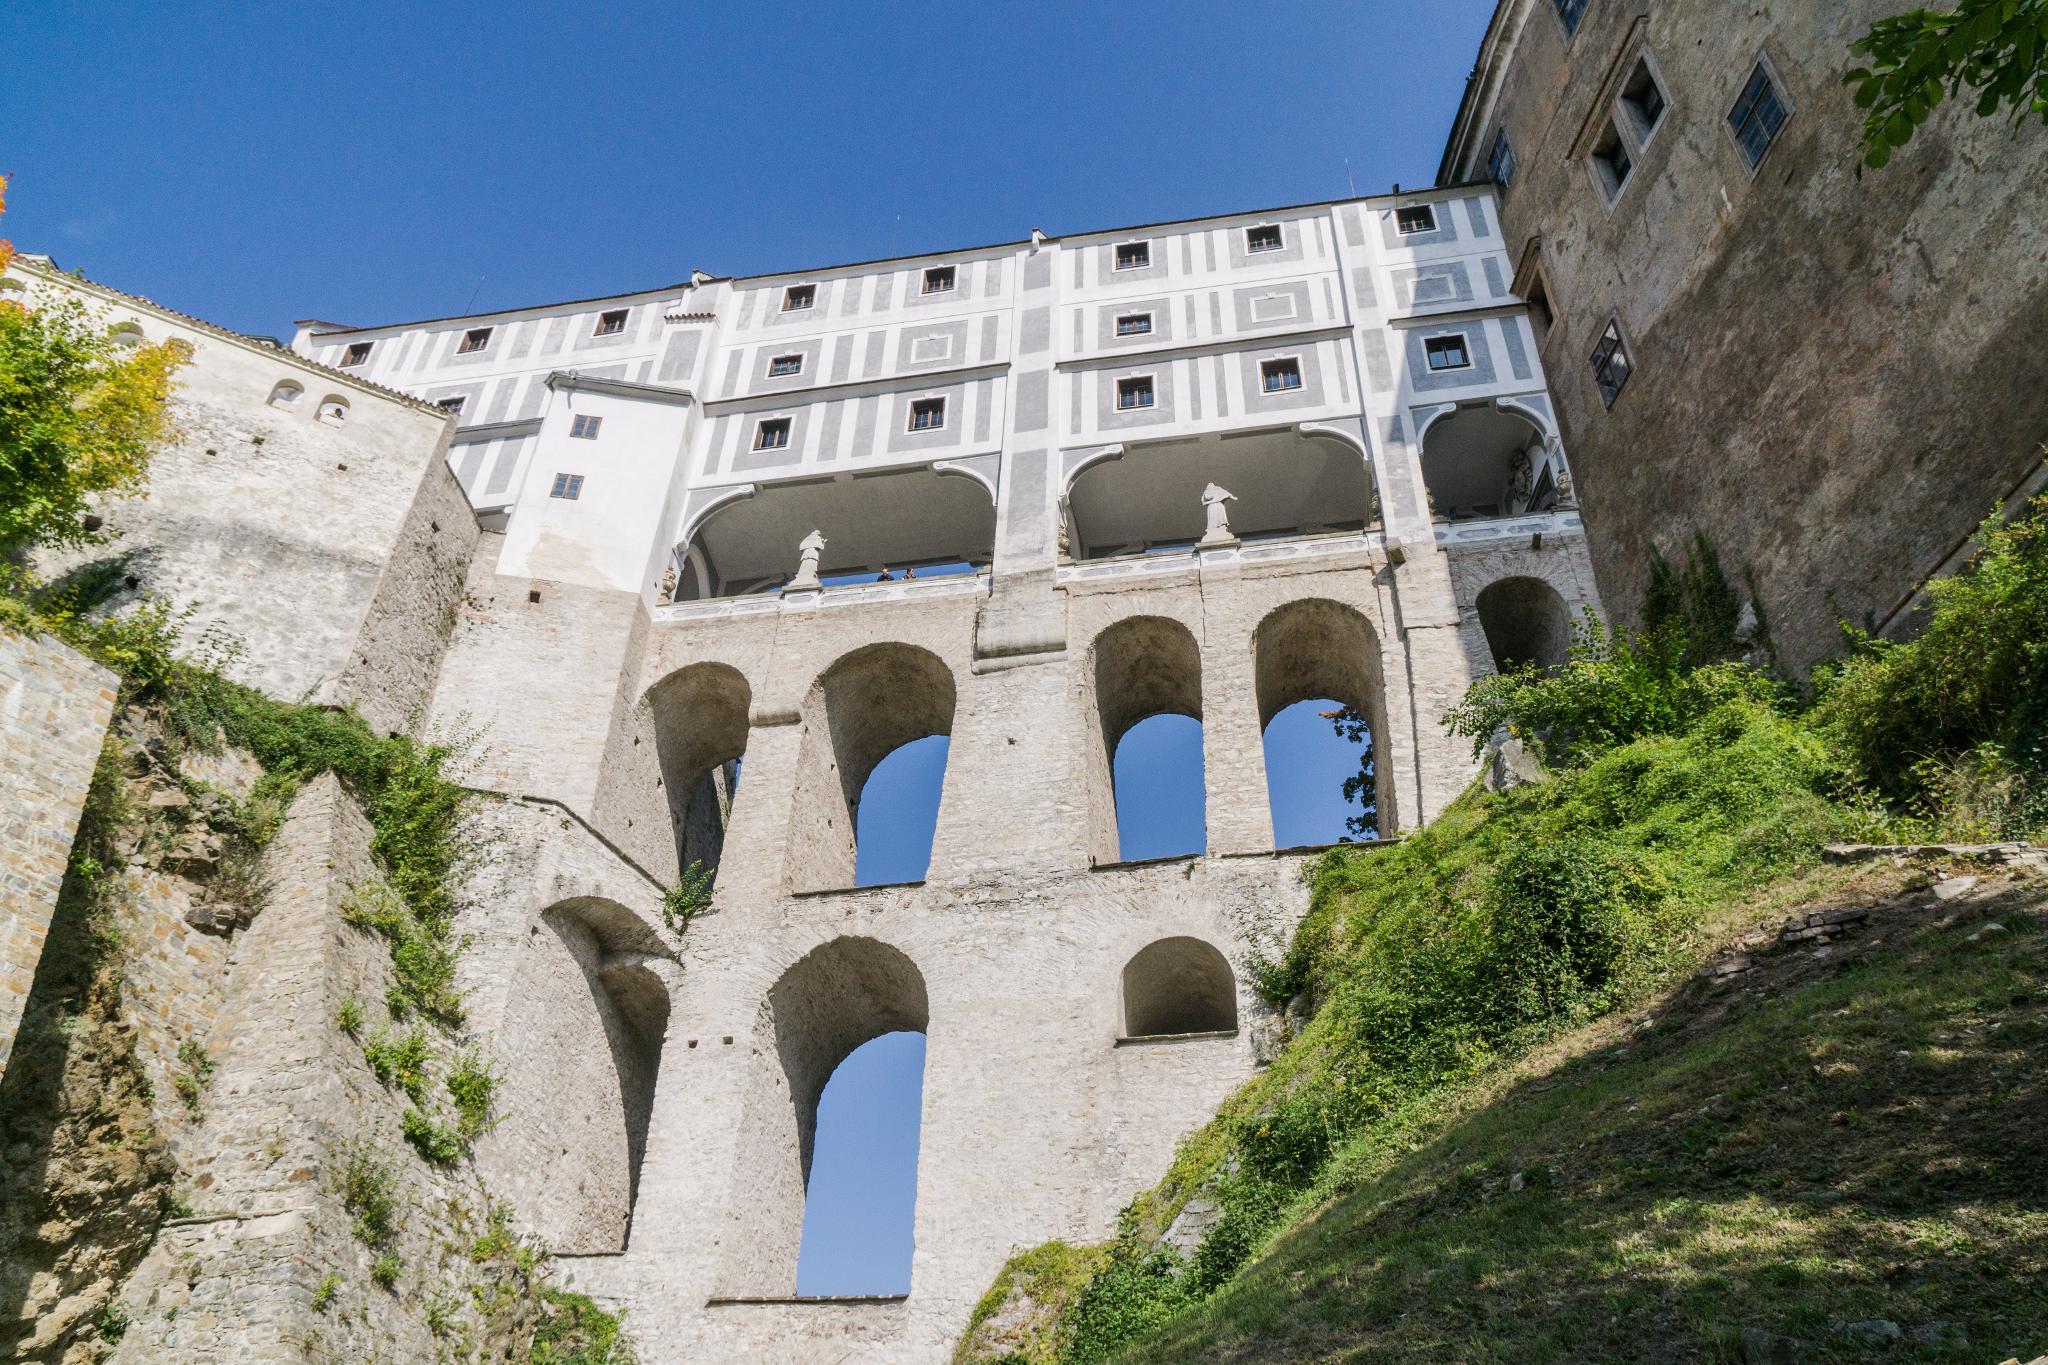 【捷克】穿越時空的波希米亞狂想曲 — Český Krumlov Castle 庫倫諾夫城堡 20